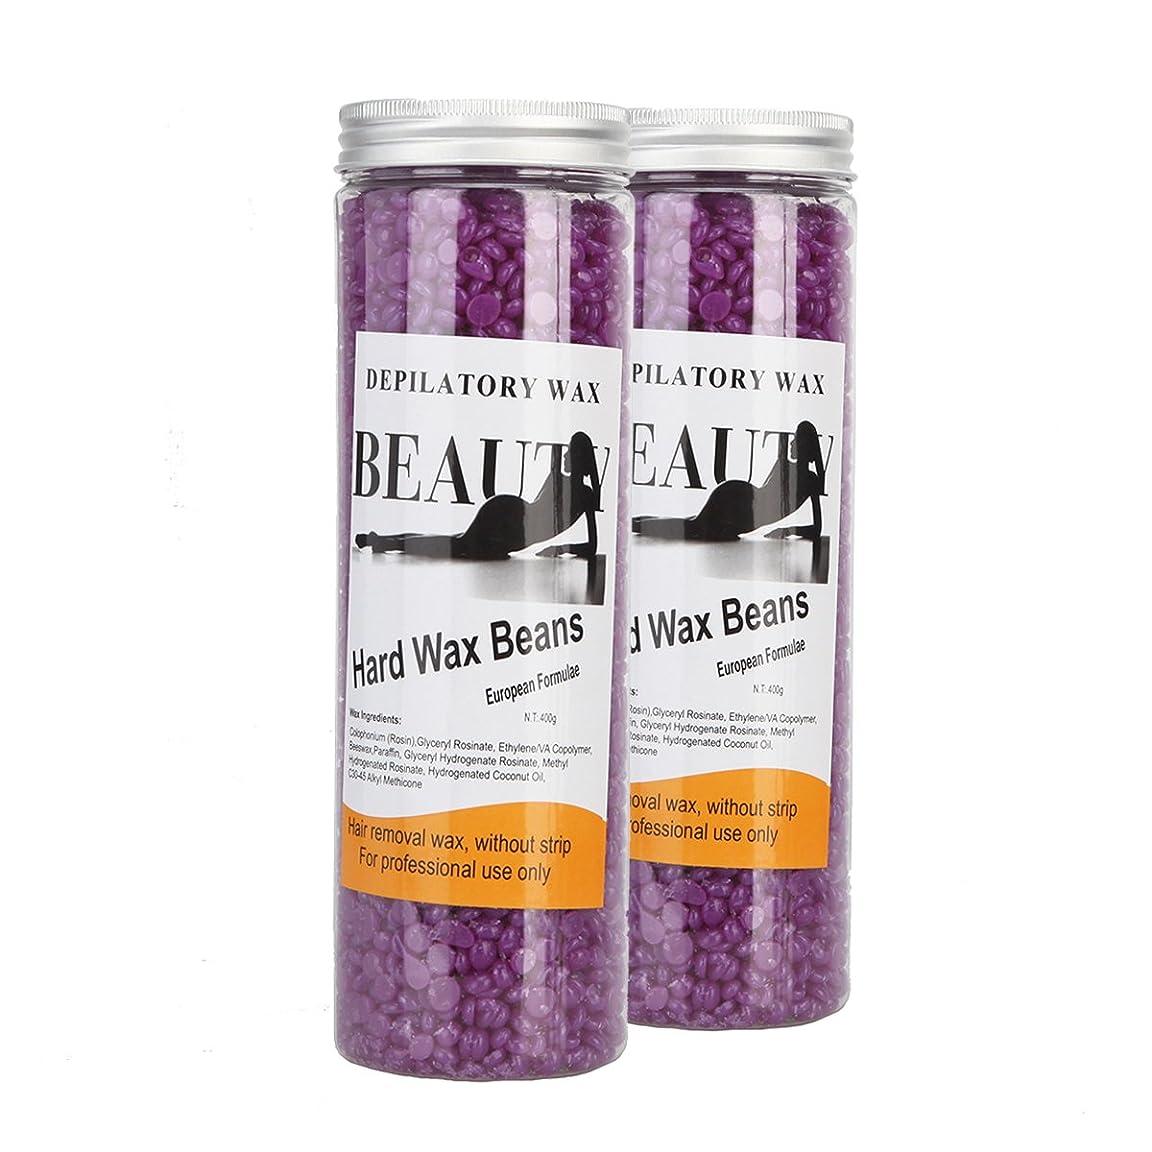 アウトドアタンパク質ぴったり(アーニェメイ)Bonjanvye ワックス脱毛 キット 400g 2缶 脱毛ワックス ハード ブラジリアンワックス ハード 粒-バイオレット